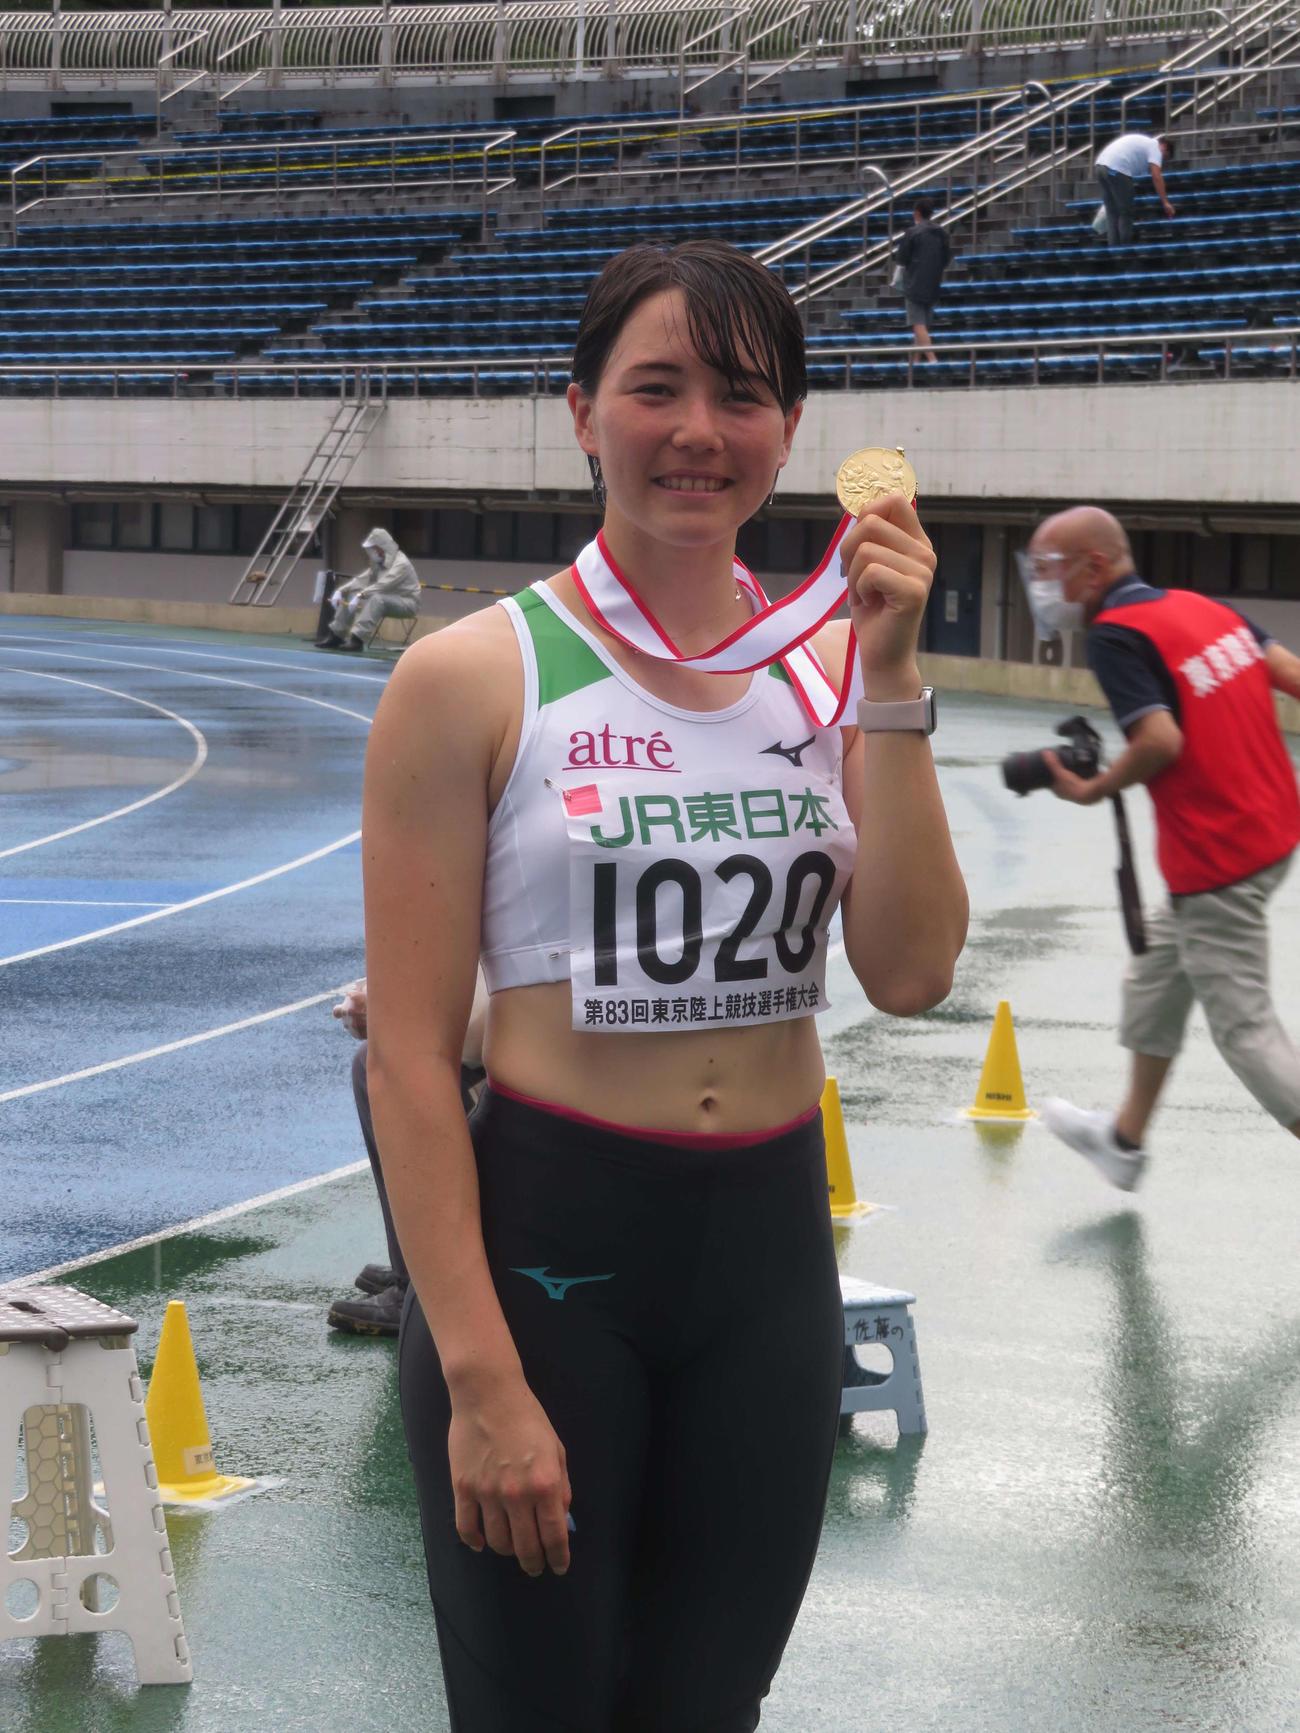 7種競技を優勝し、笑顔で金メダルを手にするヘンプヒル(撮影・上田悠太)